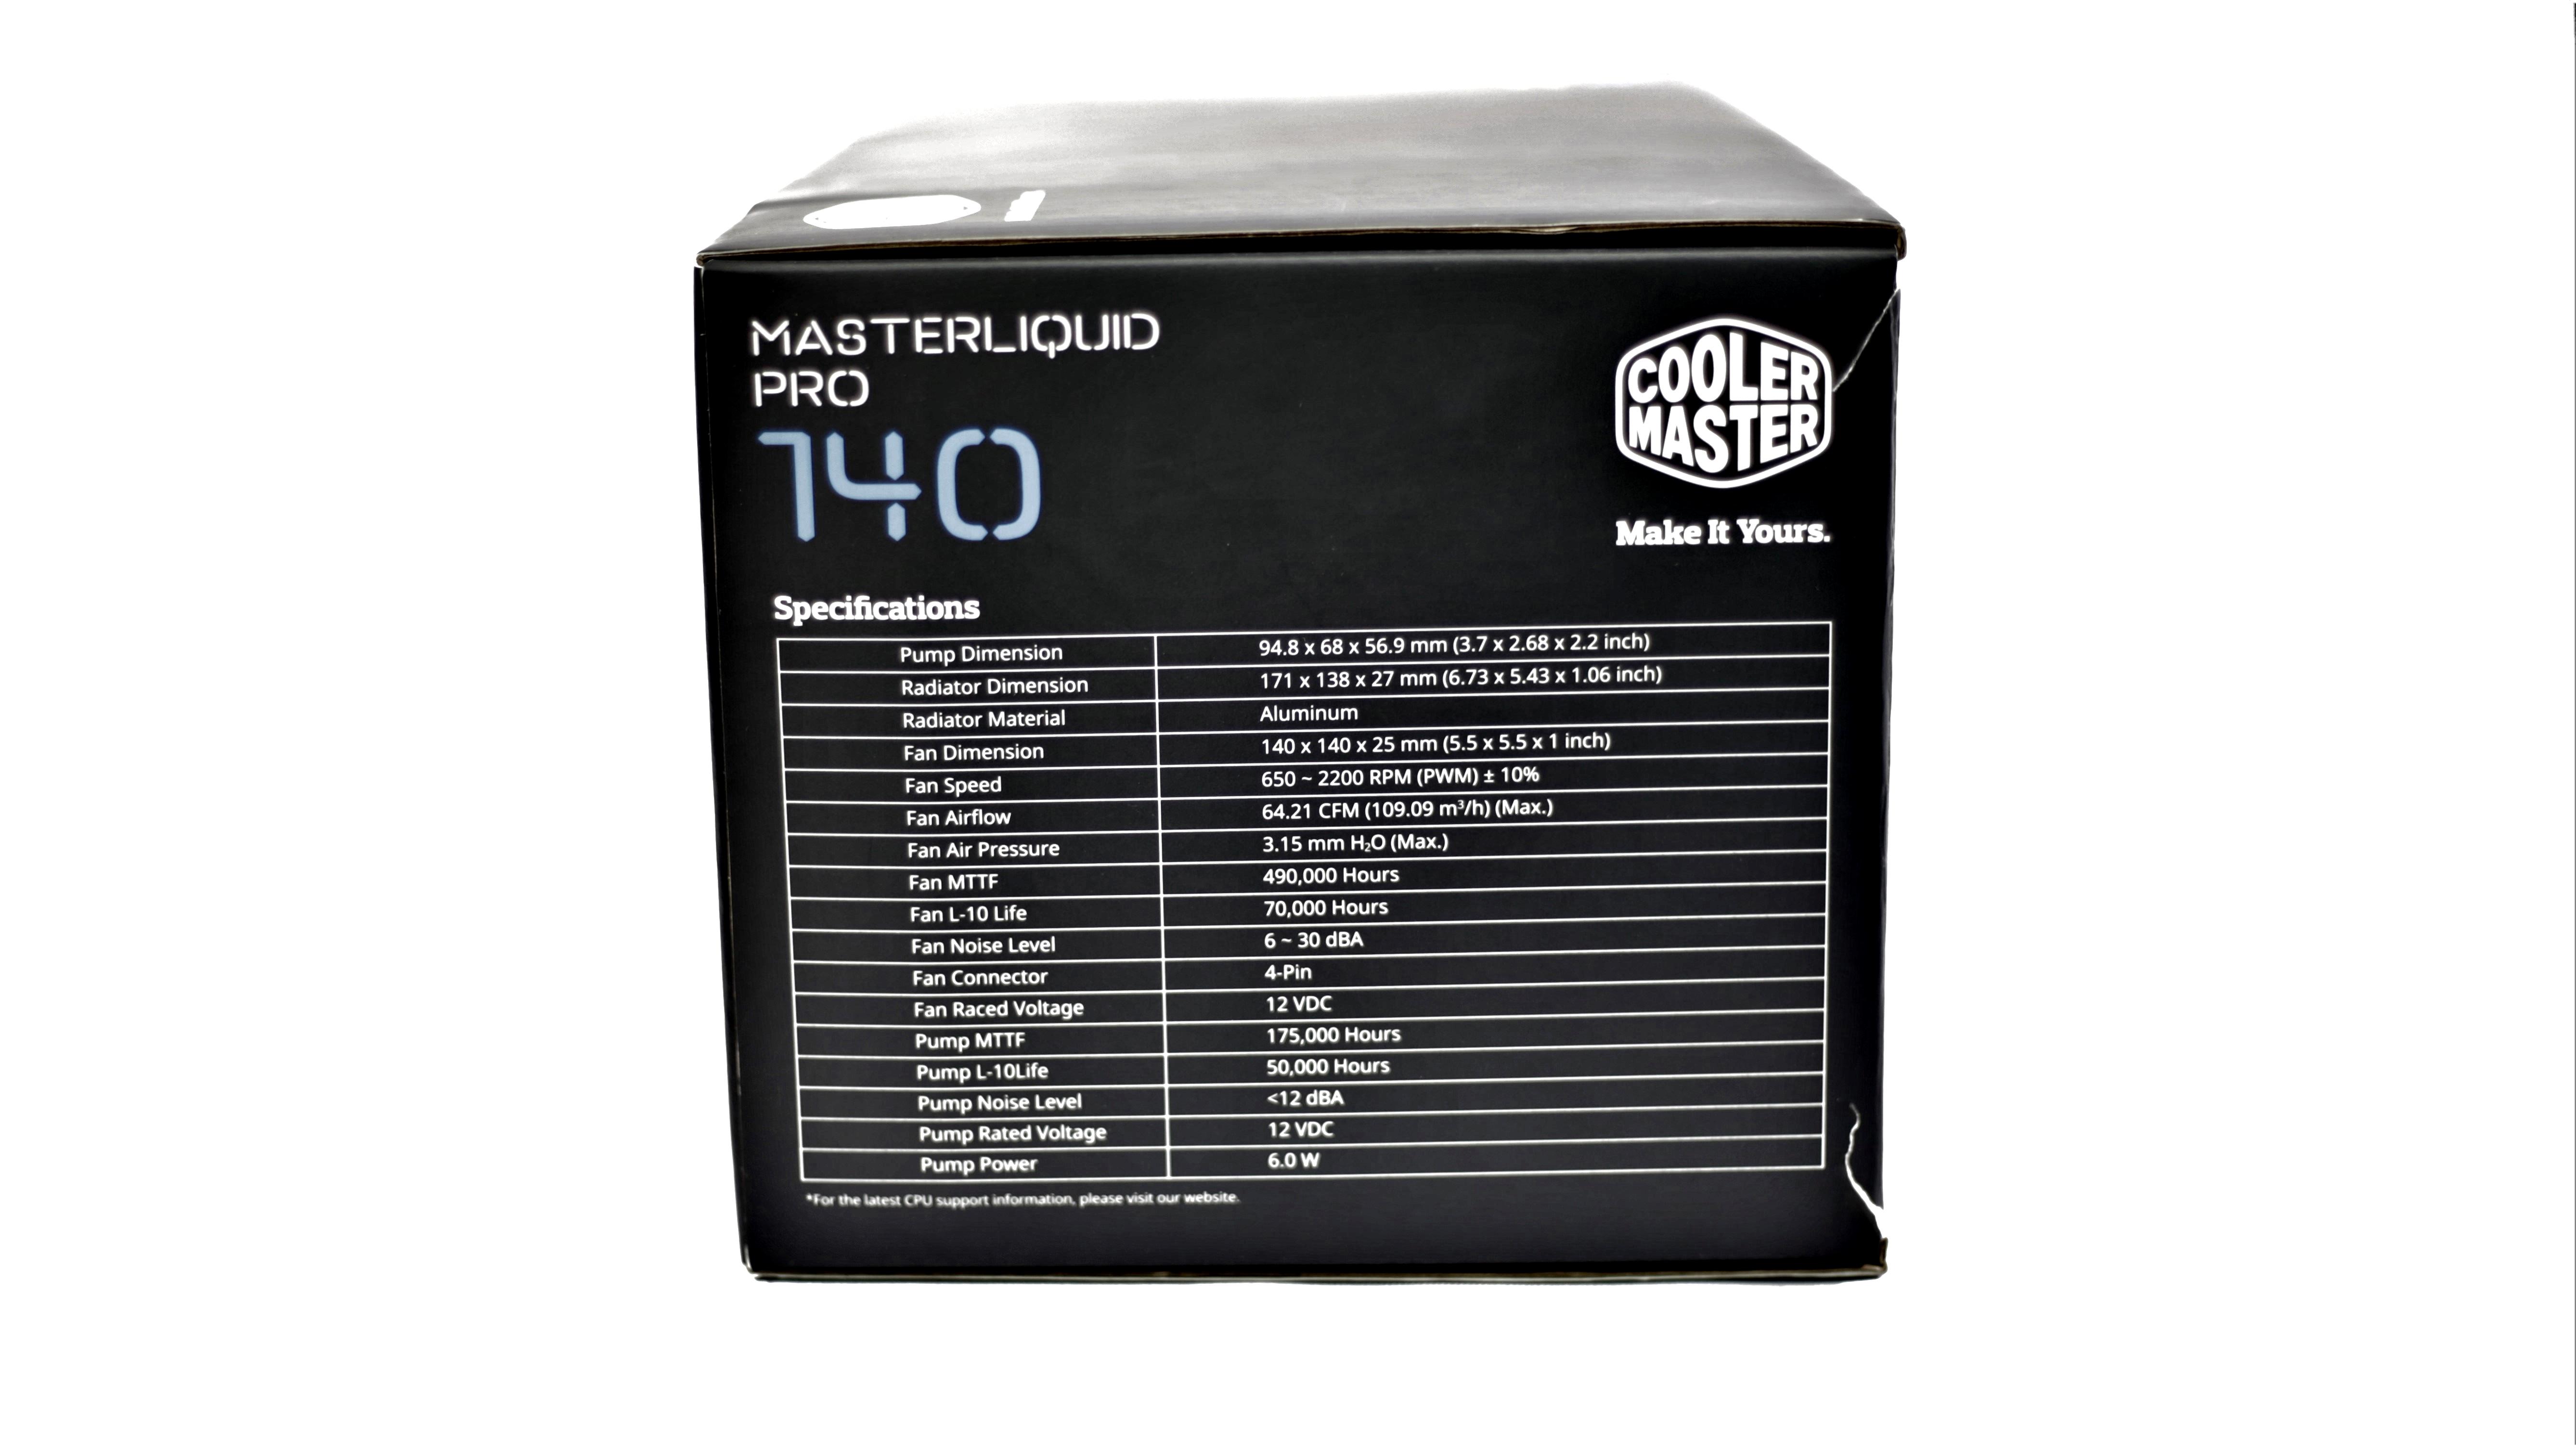 MasterLiquid Pro 140